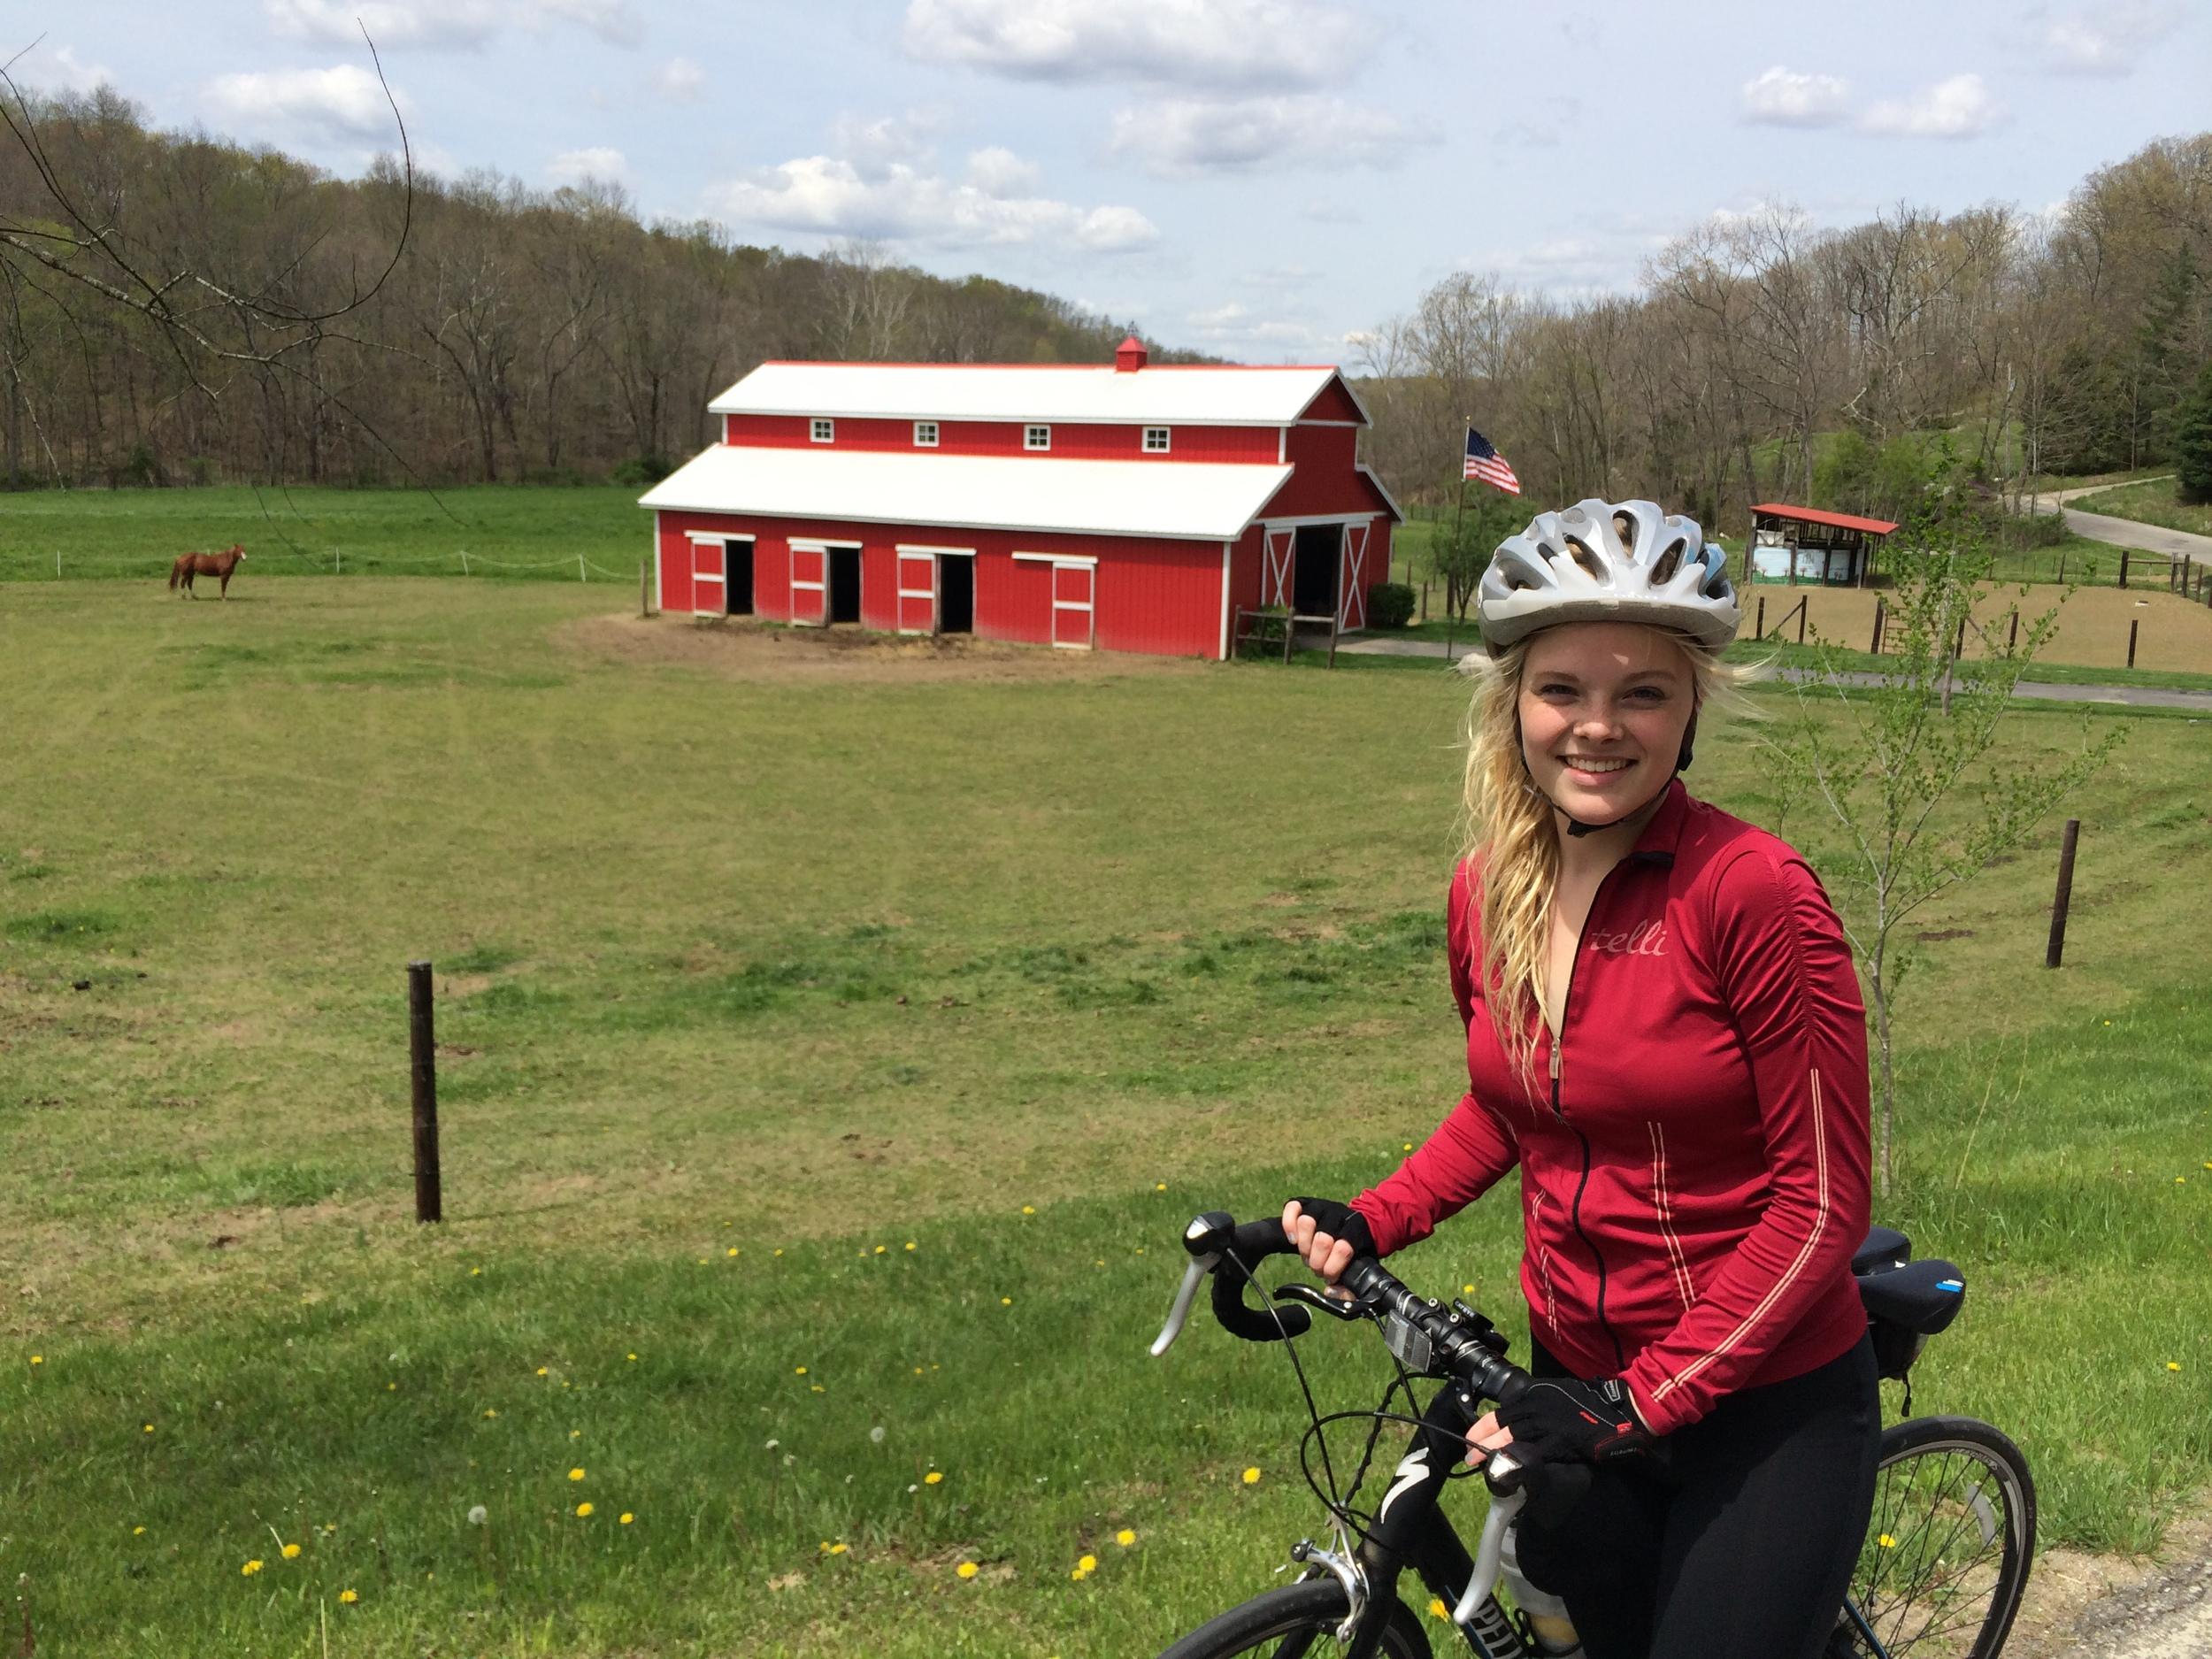 Columbus, IN Bicycle Tour - 5/3/14